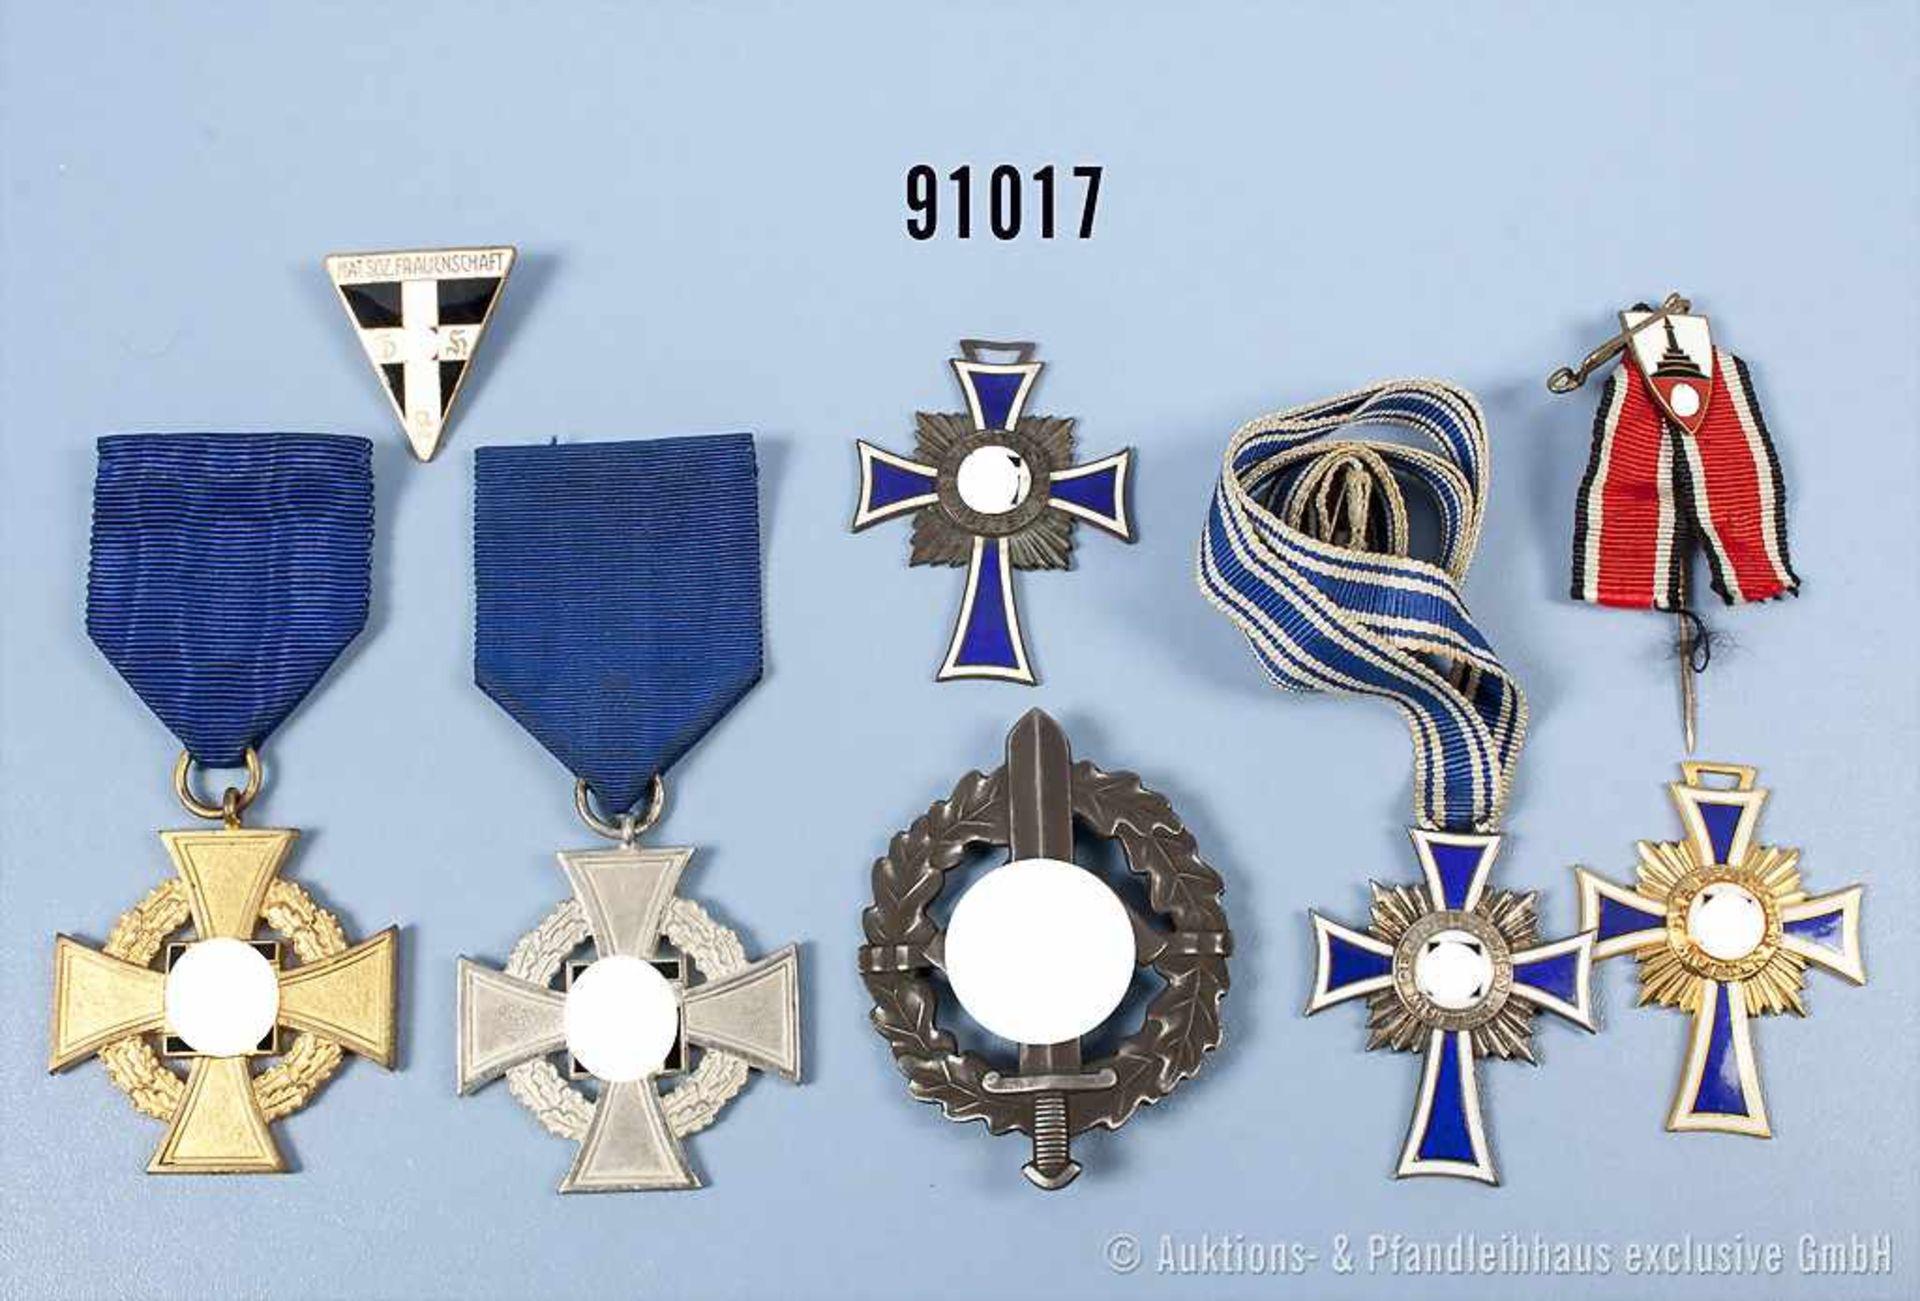 Konv. Mutterkreuz in Bronze, Silber und Gold, Treuedienst-Ehrenzeichen für 25 und 40 Jahre, SA-